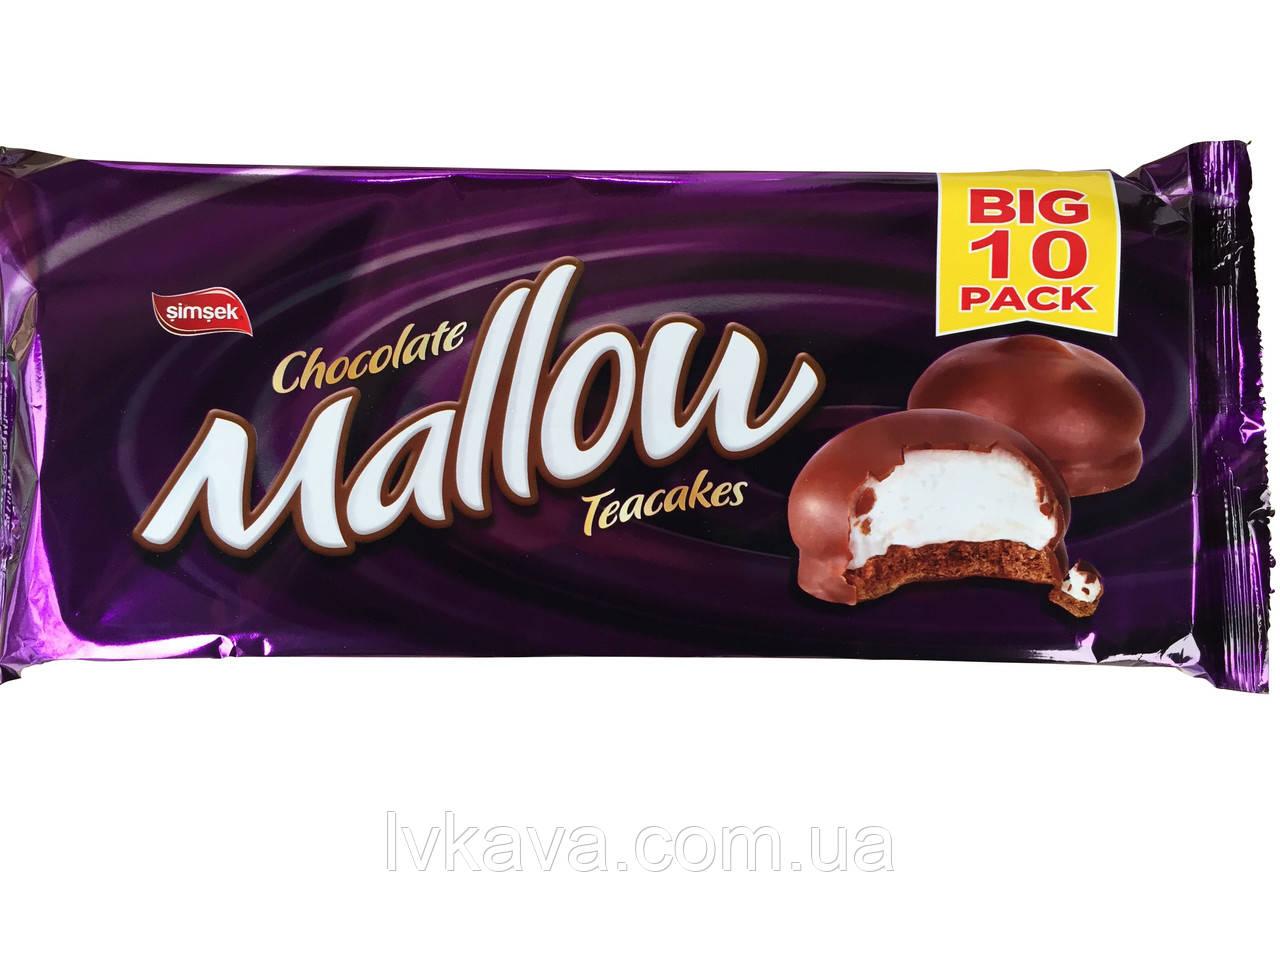 Печенье с маршмеллоу ванильное Mallow  Simsek, 125 гр